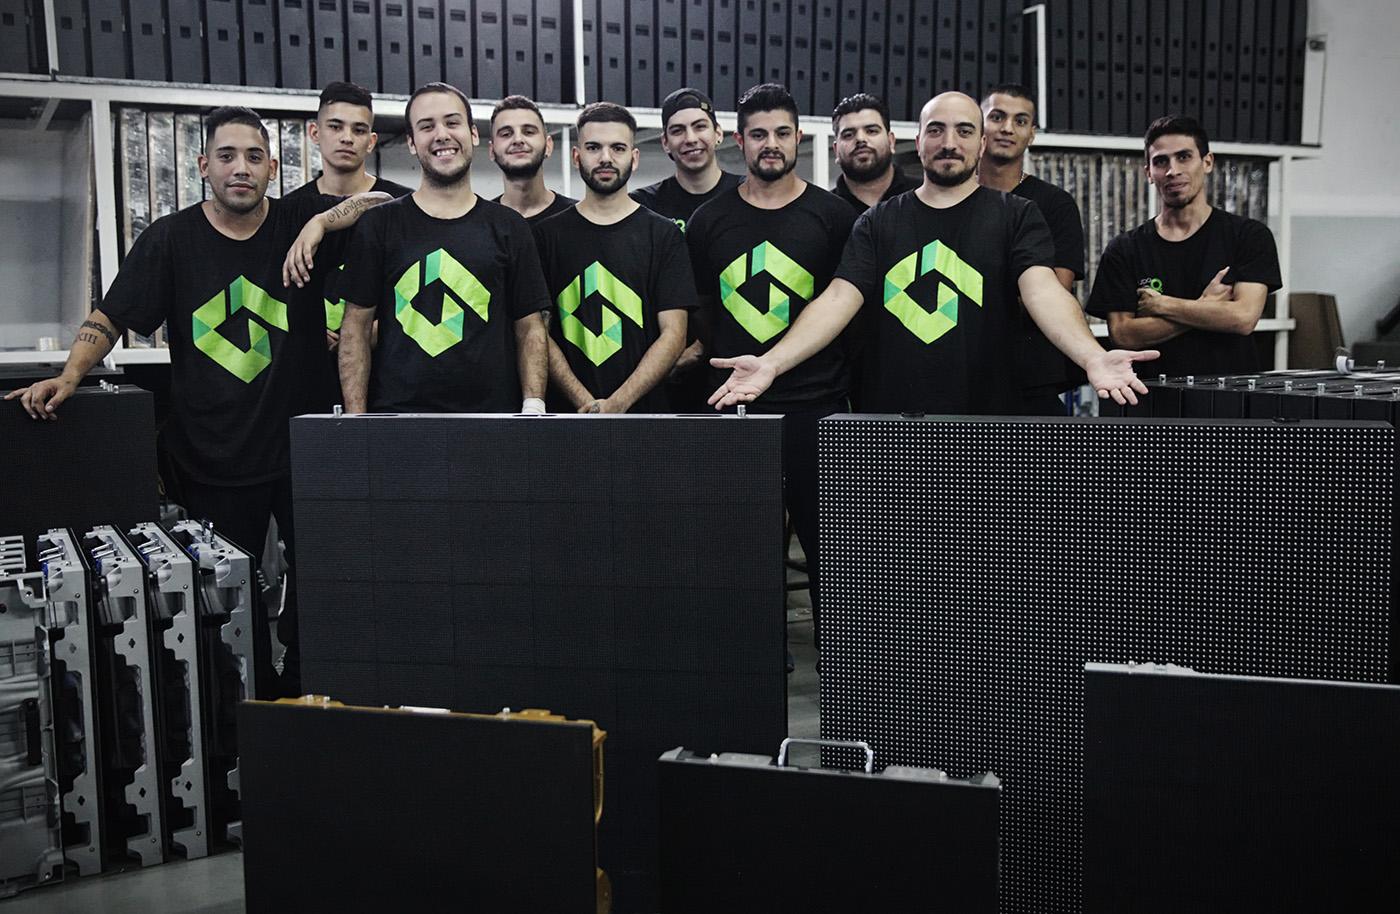 Los técnicos listos para recorrer el país instalando pantallas.